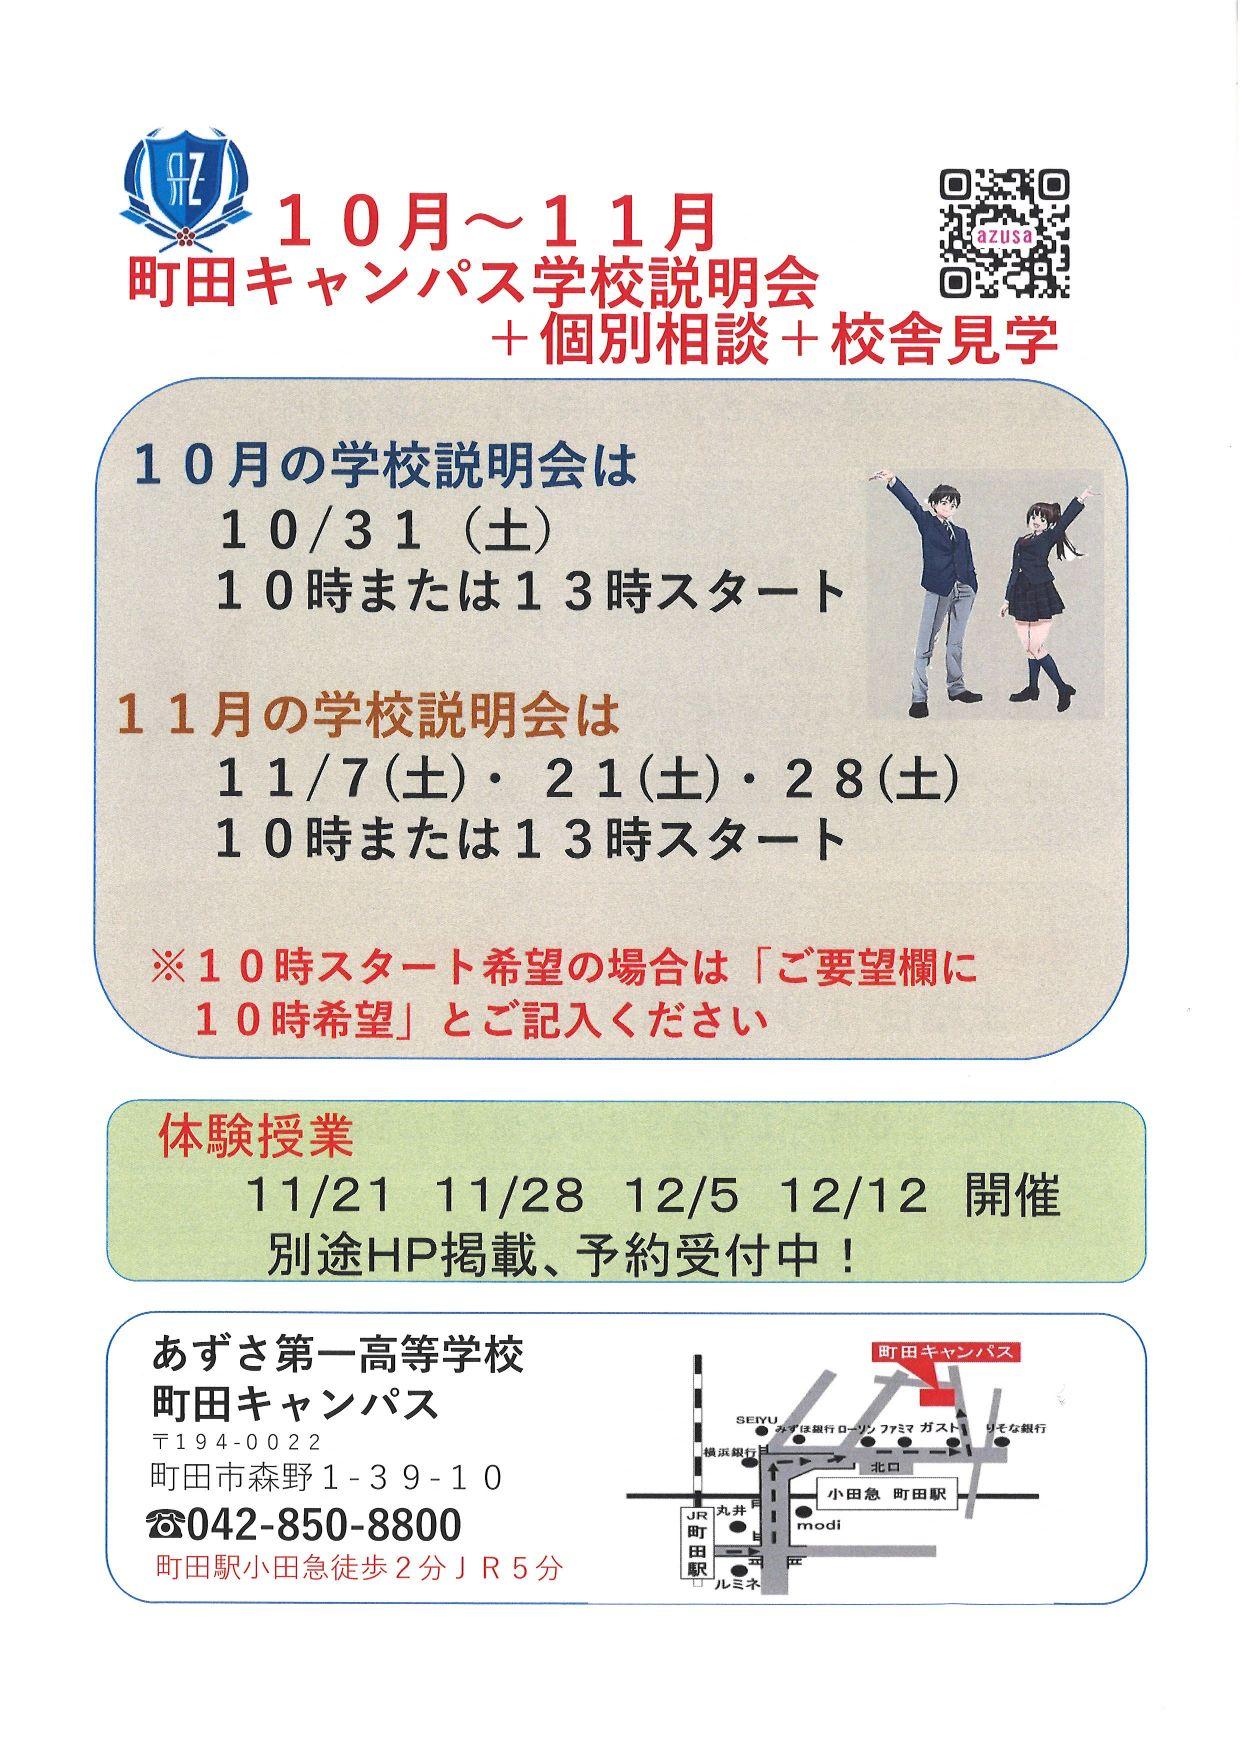 町田キャンパス 学校説明会+個別相談会 image1